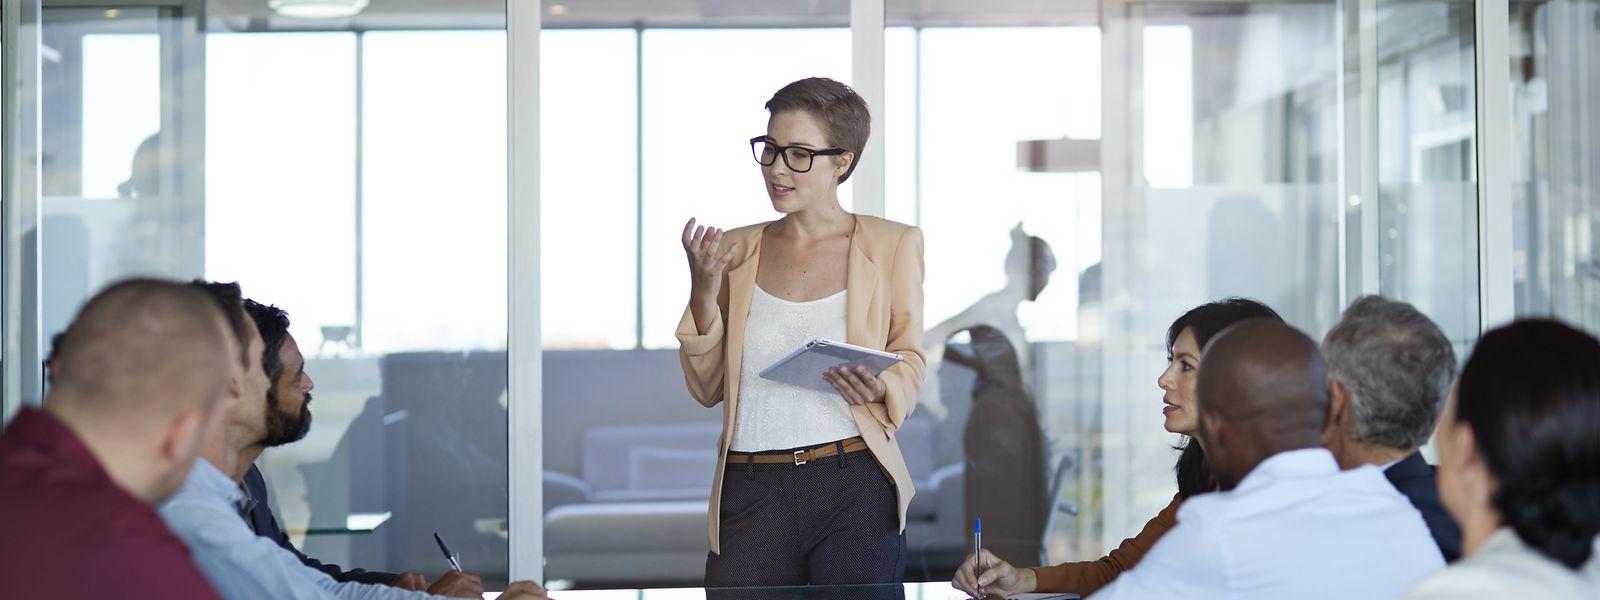 Frauen an der Spitze: In der EU ist nur jede dritte Führungskraft eine Frau.